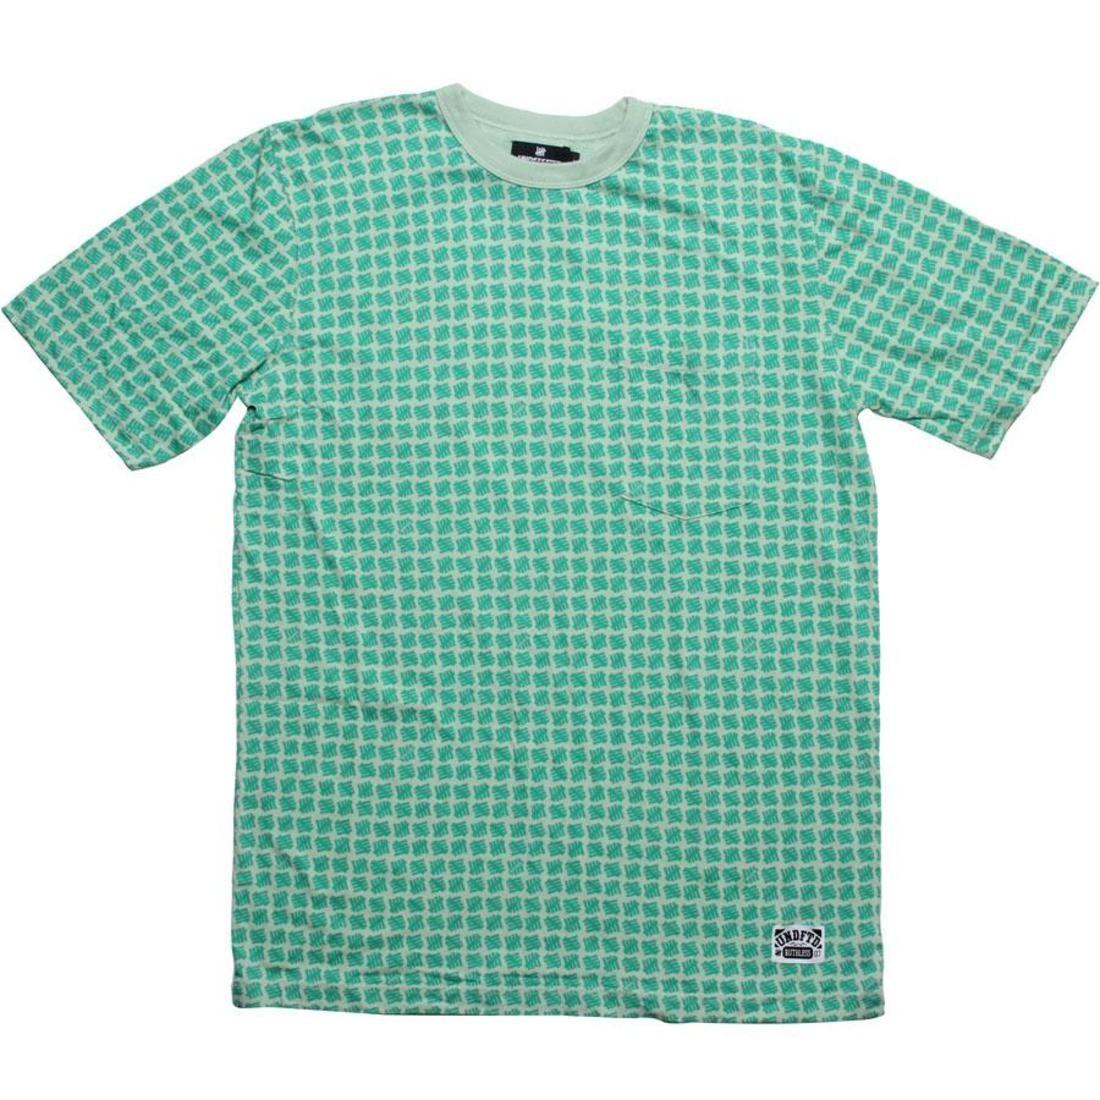 【海外限定】ストライク Tシャツ メンズファッション カットソー 【 UNDEFEATED ALL OVER STRIKE TEE GREEN 】